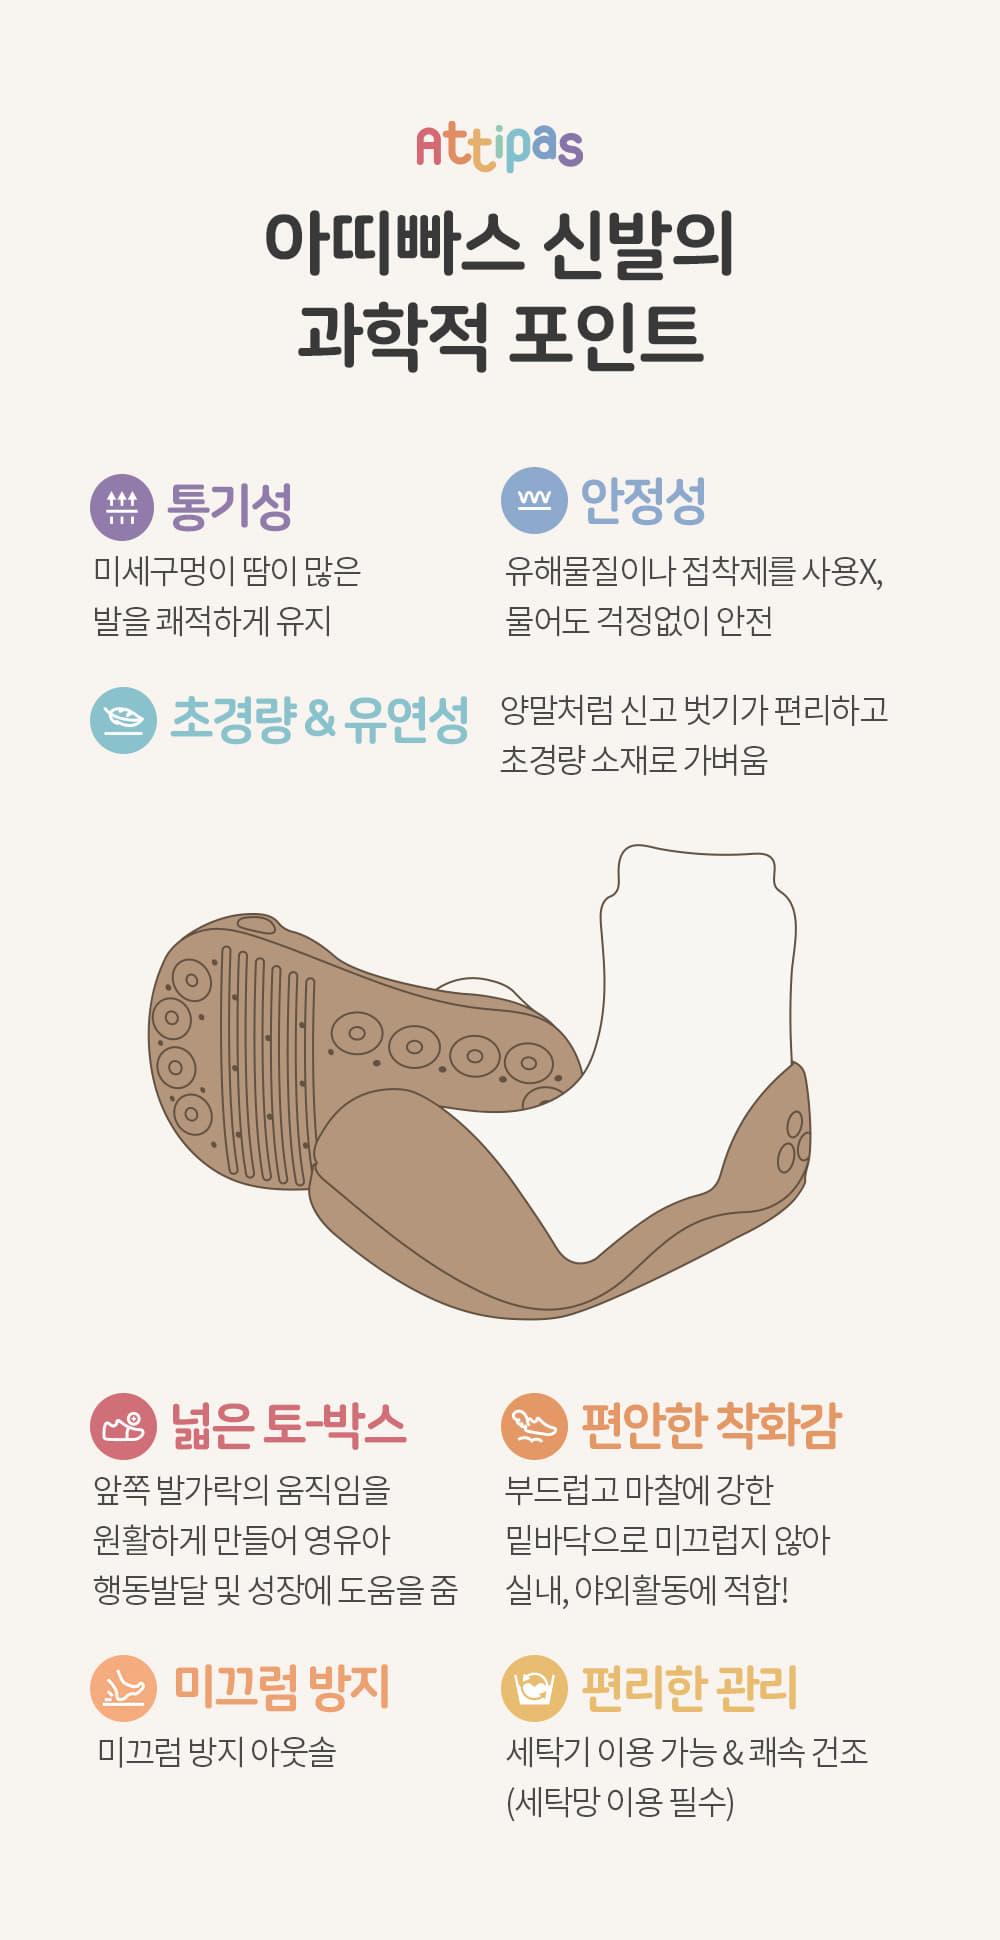 아띠빠스 공통 영역 02